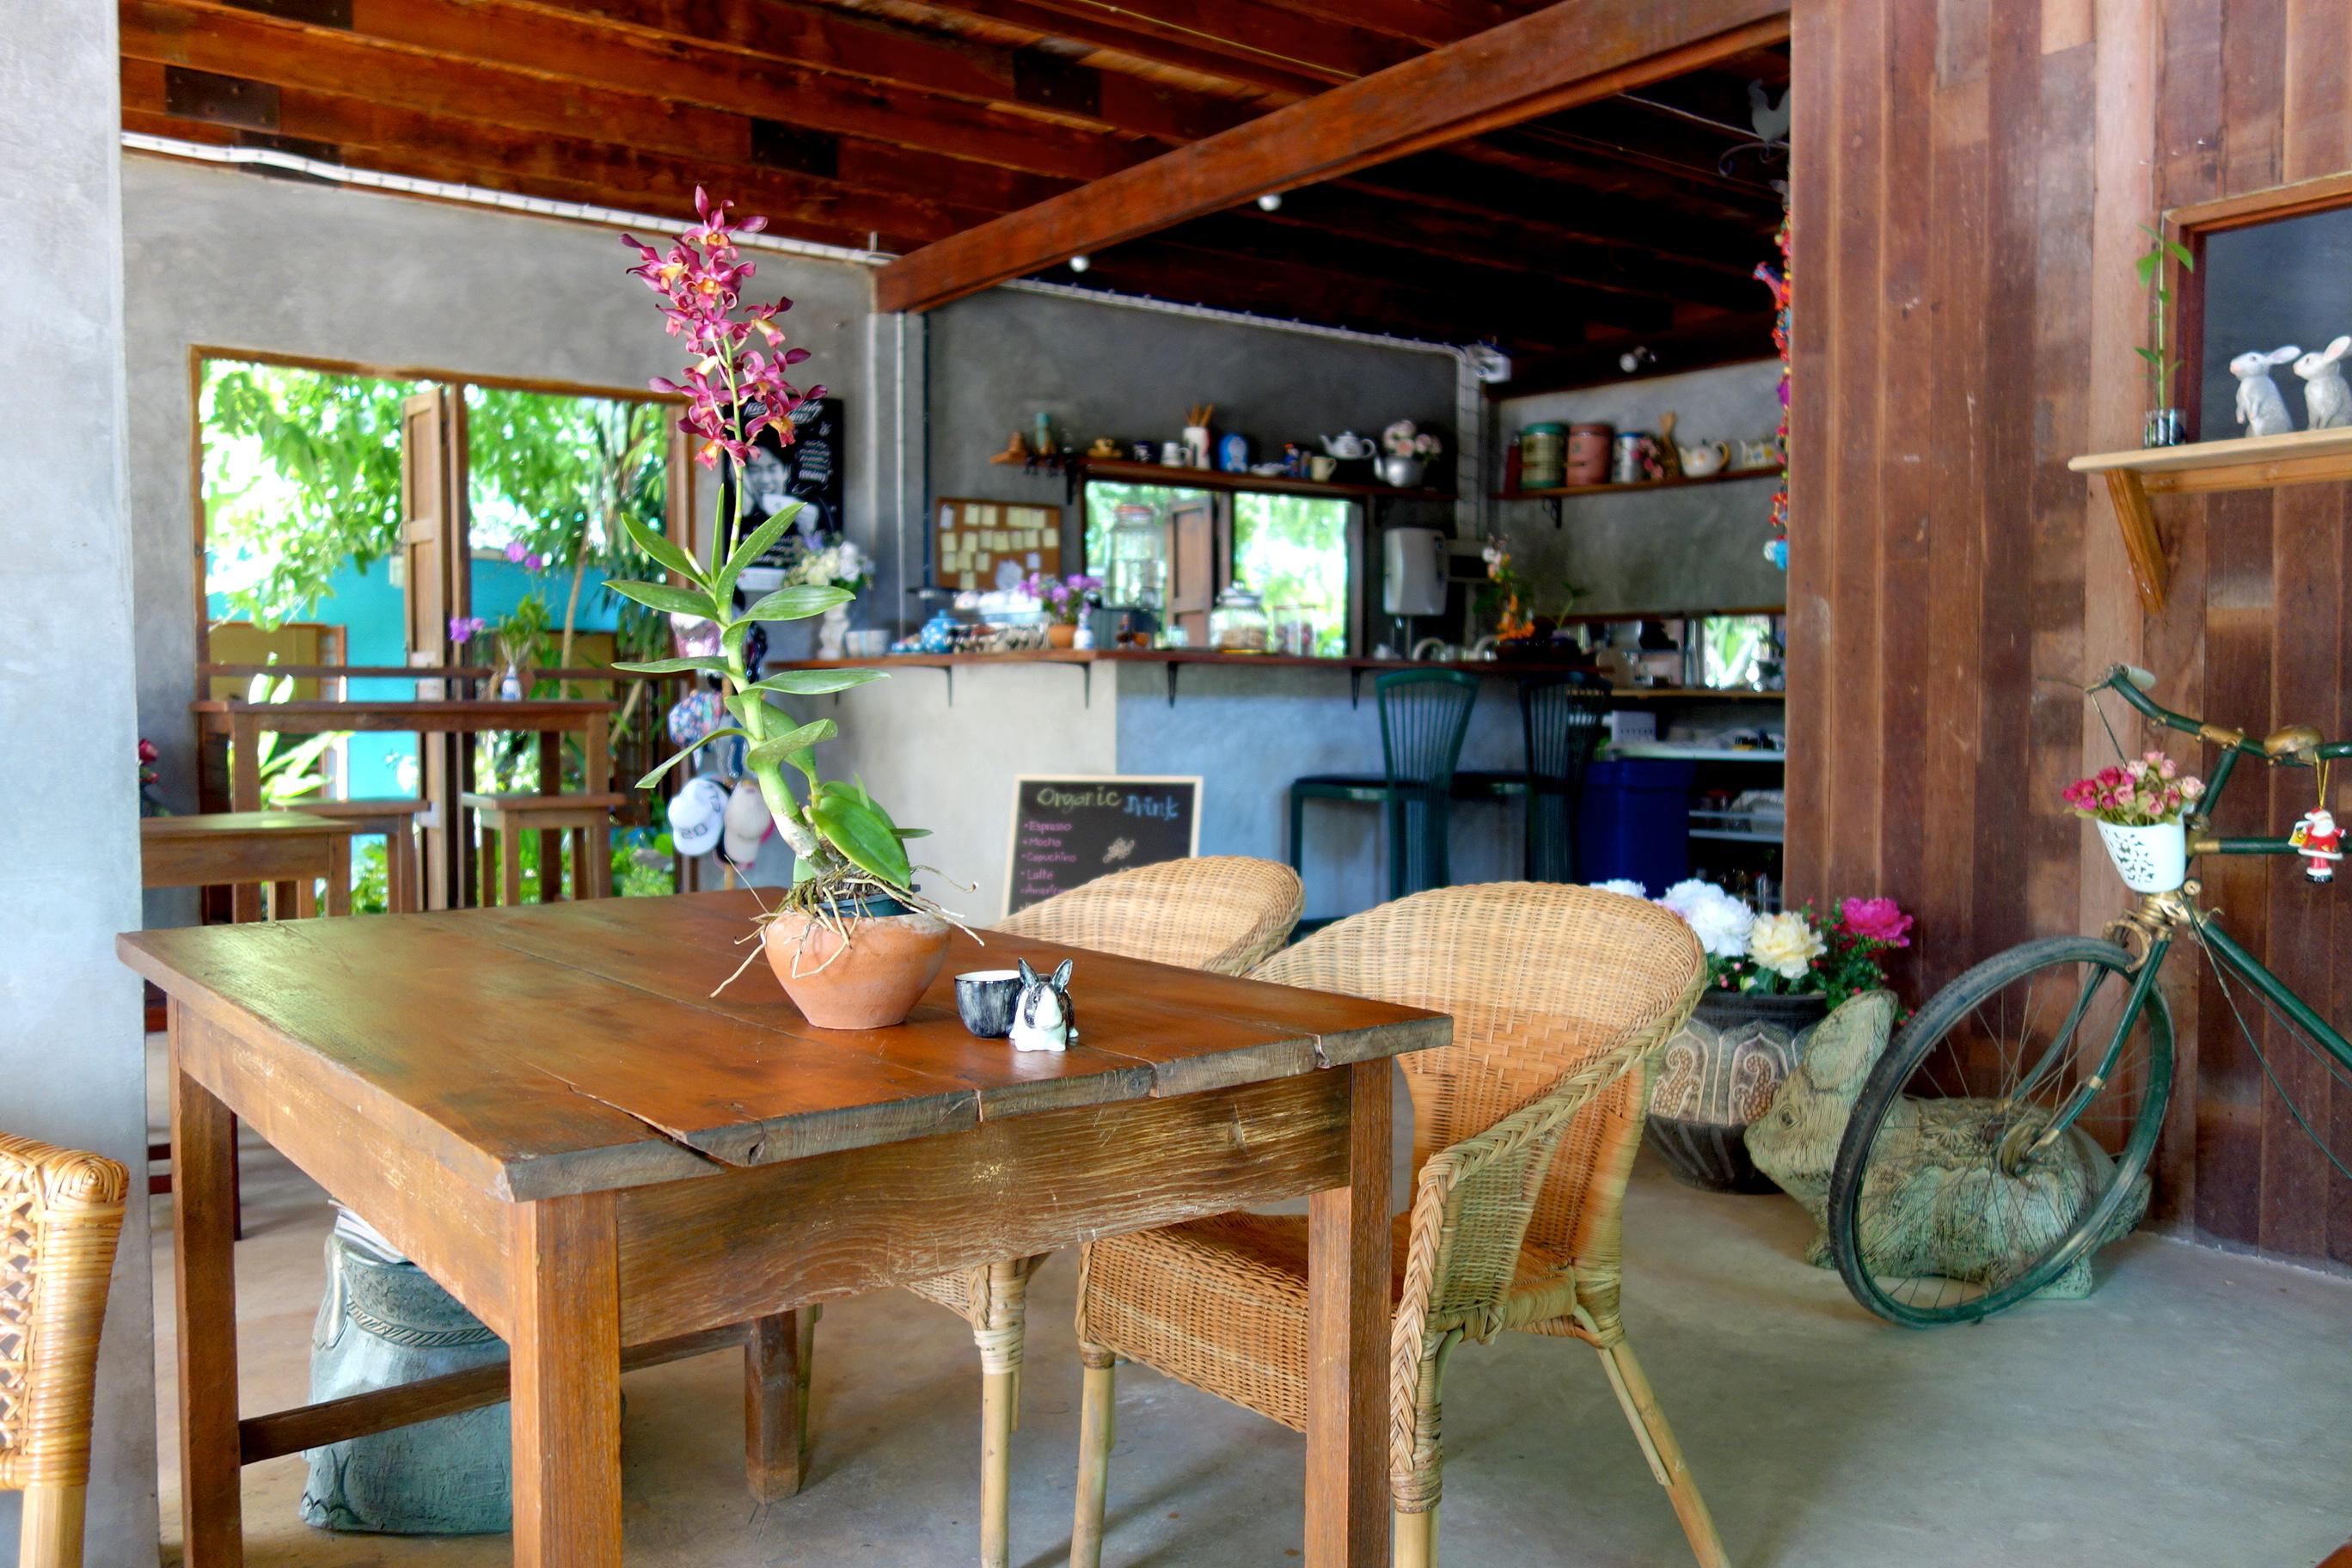 【ピッサヌローク】こだわりのオーガニックコーヒーが飲める素敵なカフェ『Karuna By』※2017年9月追記